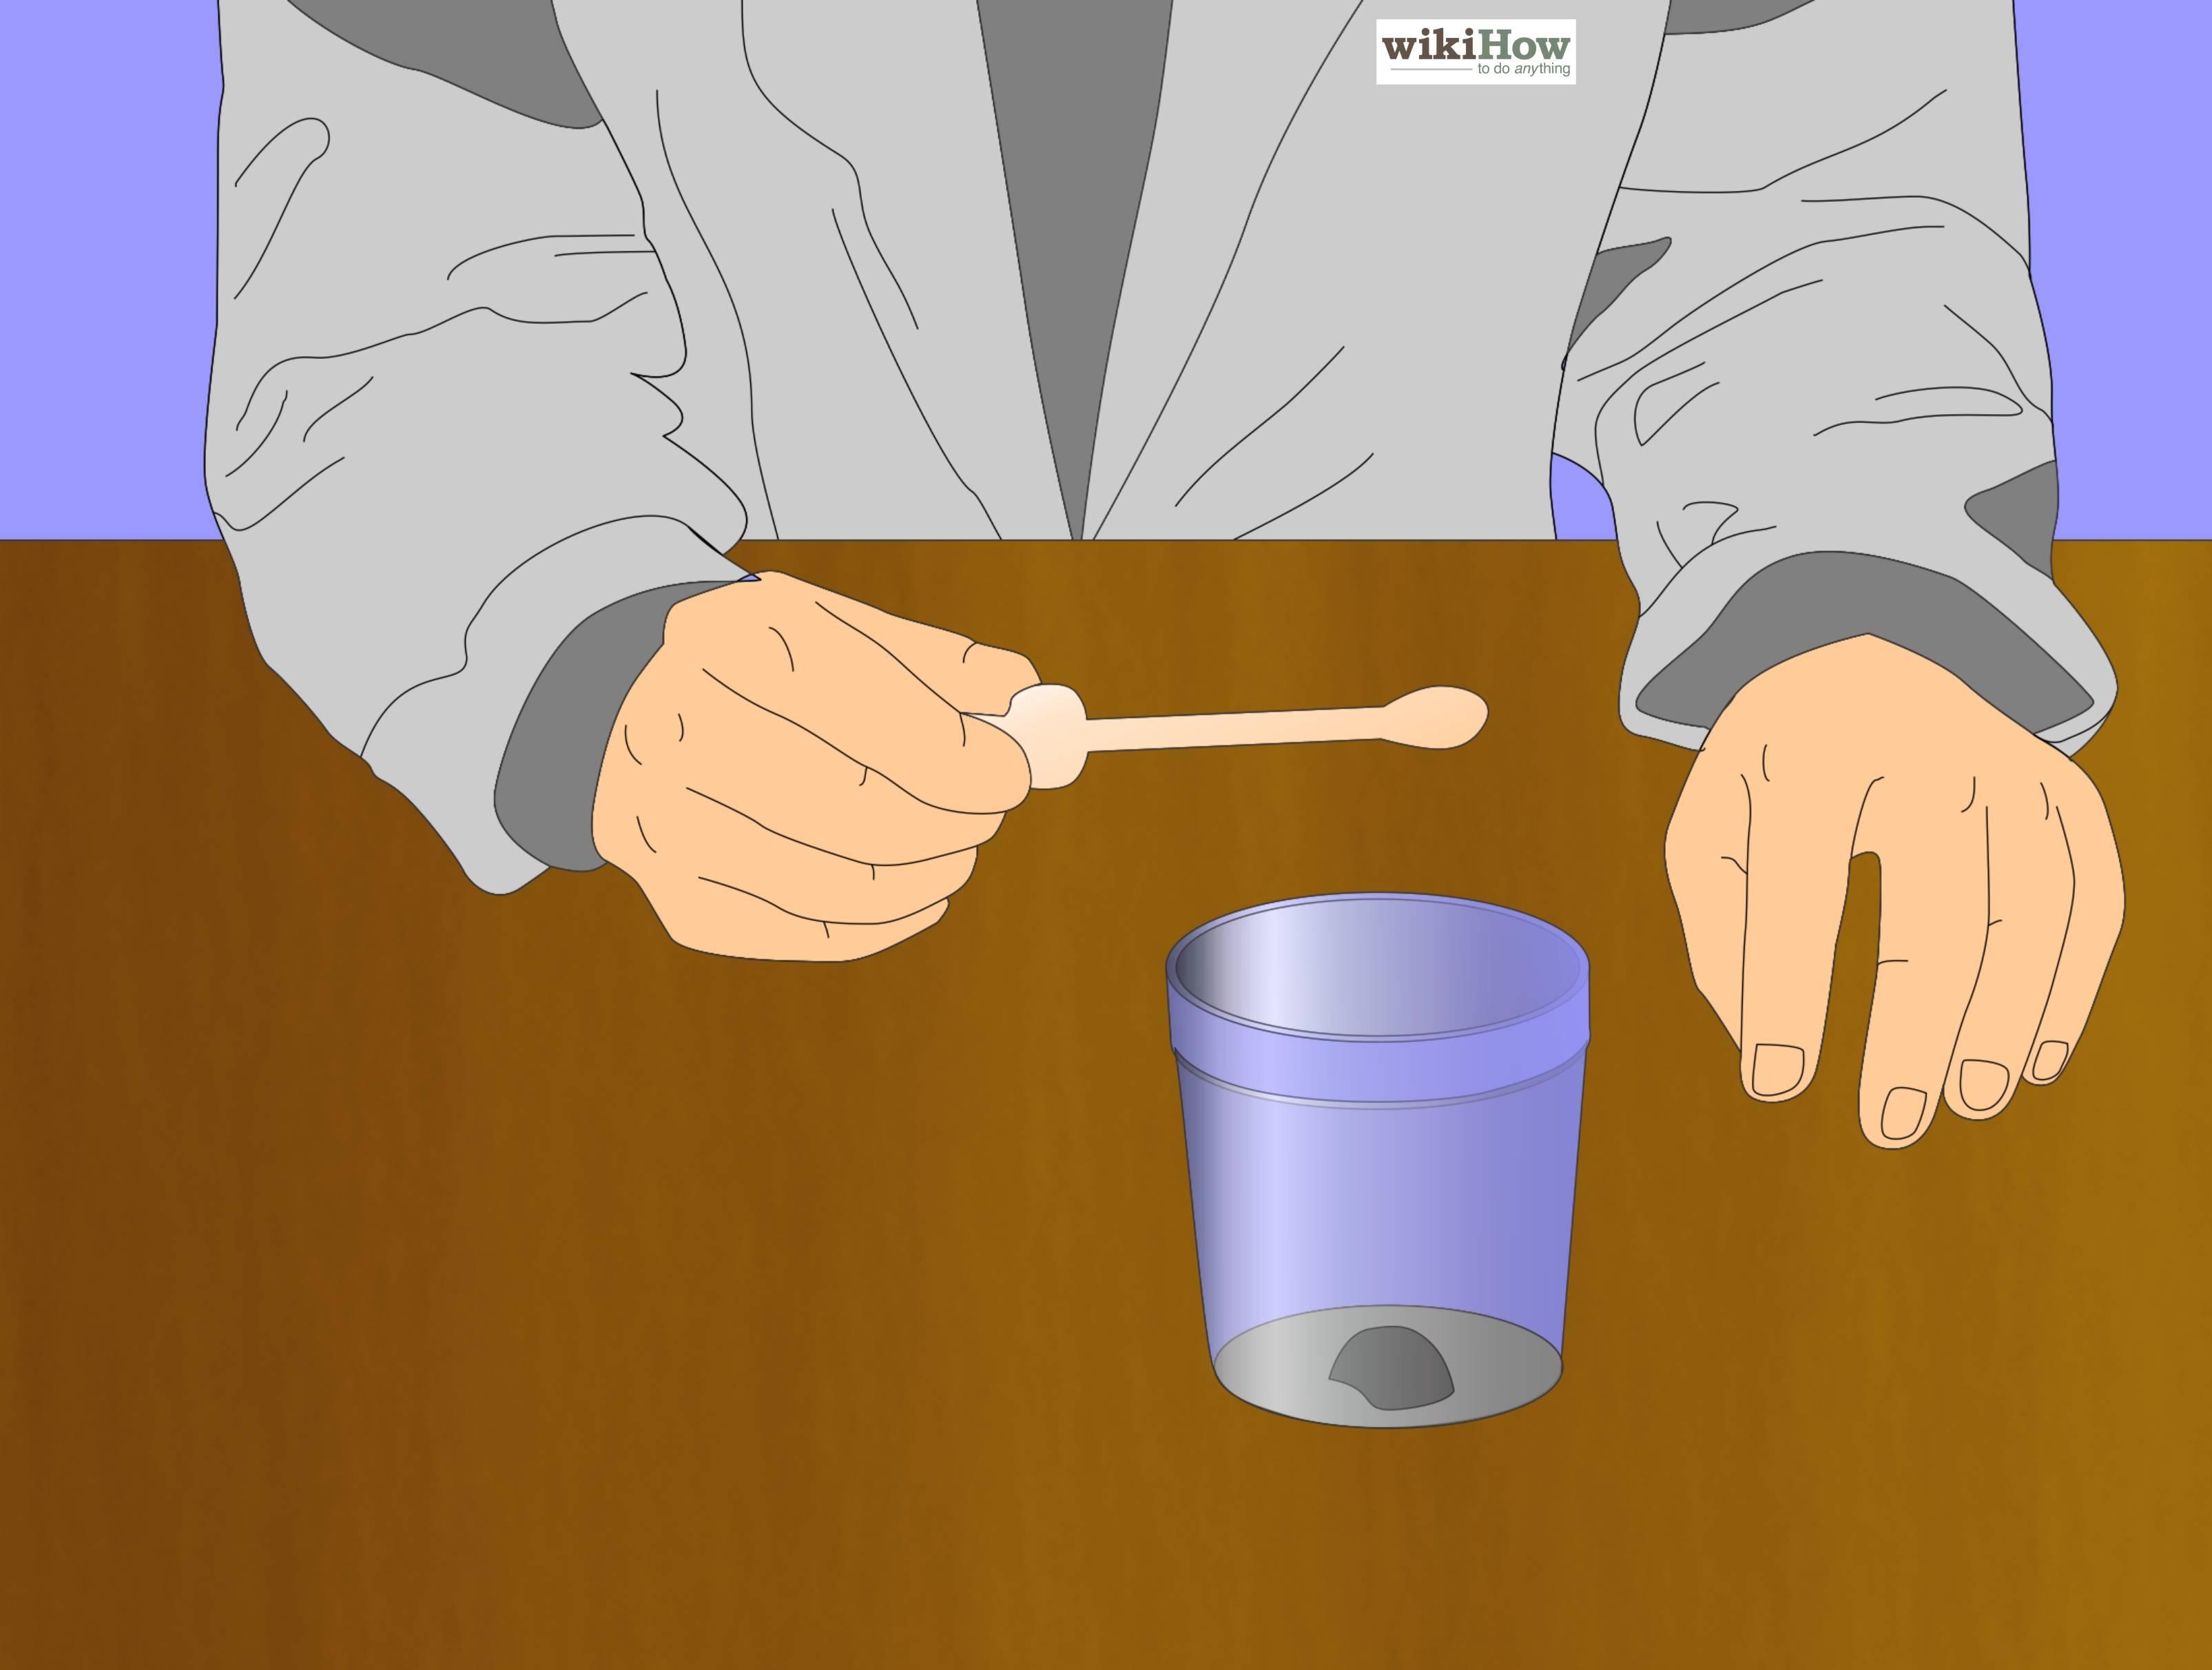 Сбор кала у грудничка для анализа: как правильно собирать для копрограммы